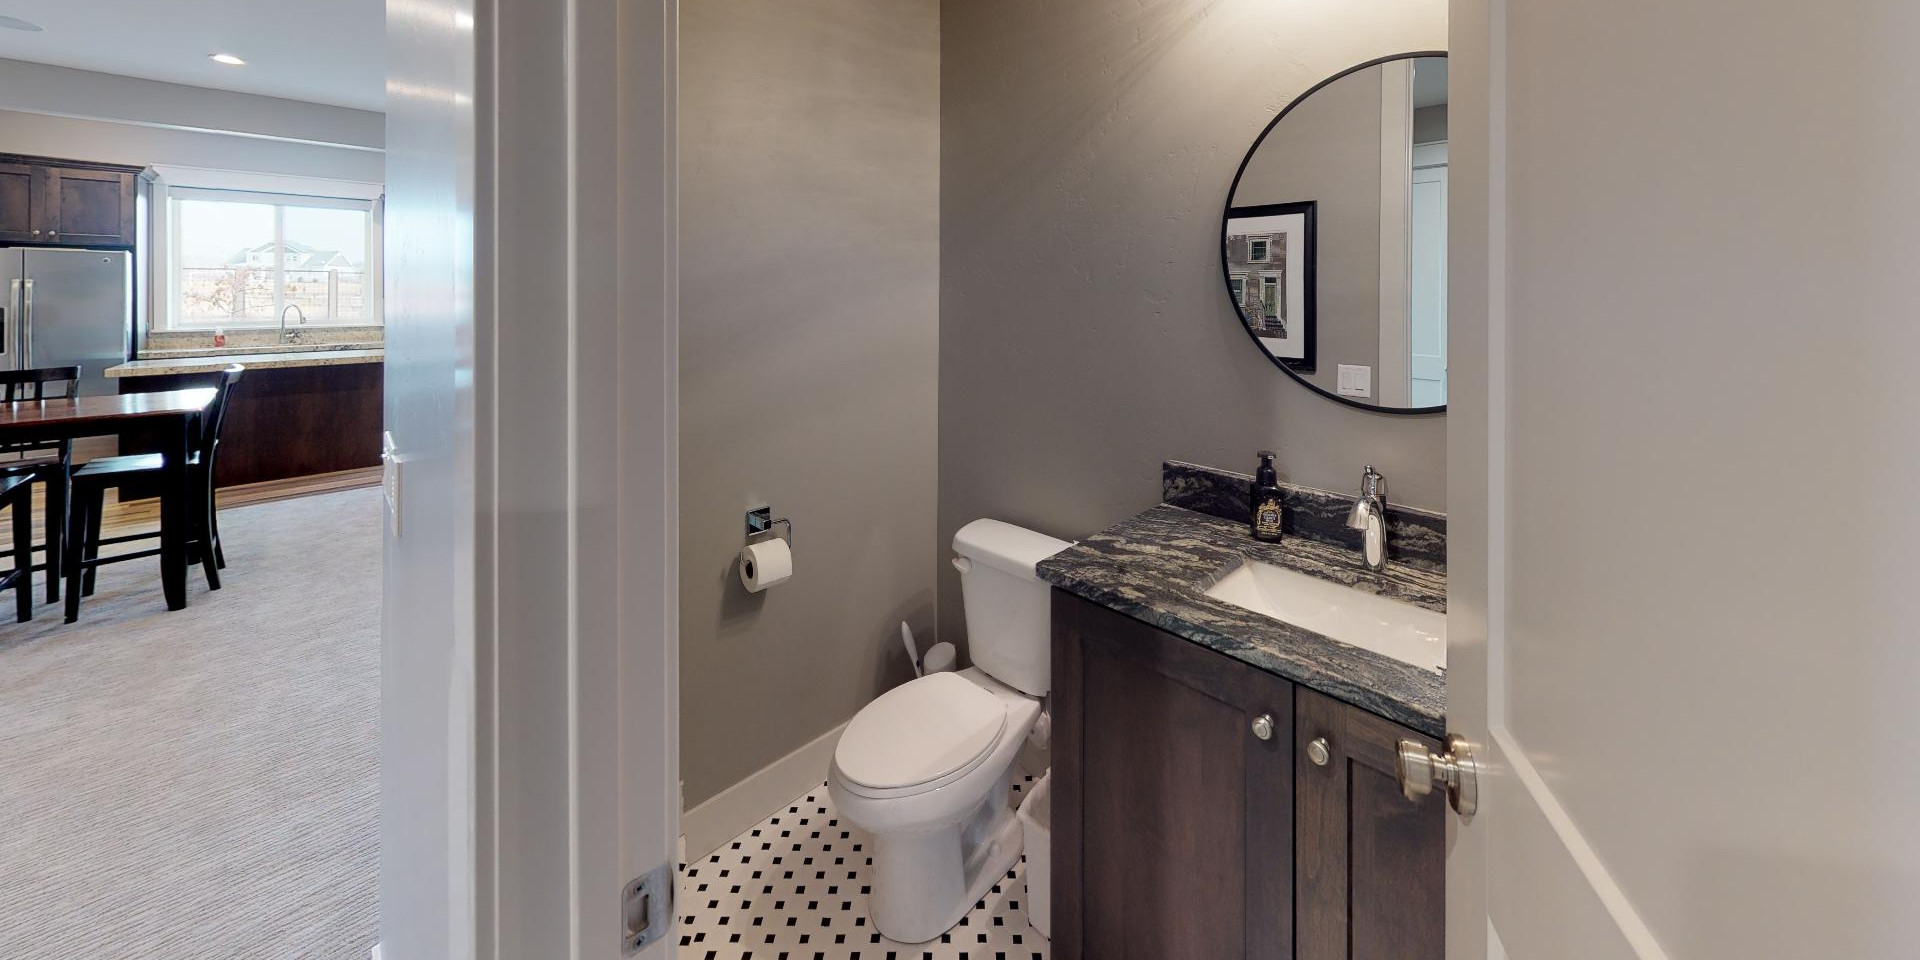 widgeon-bathroom2_45913820125_o.jpg